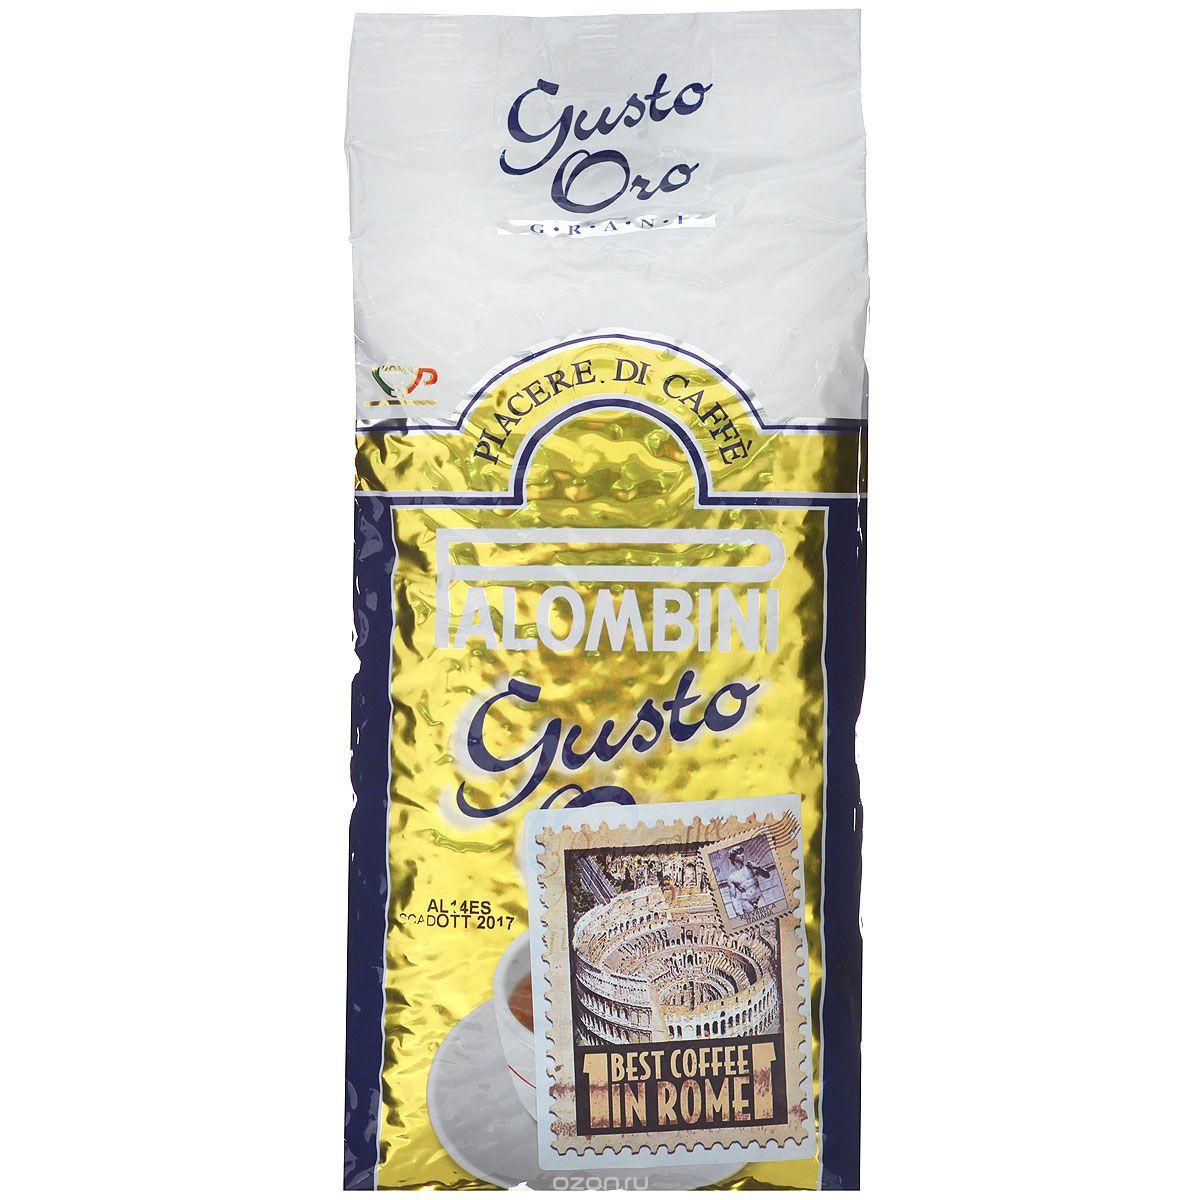 Palombini Gusto Oro кофе в зернах, 1 кг8009785302684Натуральный жареный кофе в зернах Palombini Gusto Oro, высший сорт. Неповторимый аромат лучшего итальянского эспрессо принесет Вам отличное насторение!Рекомендуется для приготовления: эспрессо, капучино, лунго. Смесь содержит 95% арабики и 5% робусты.